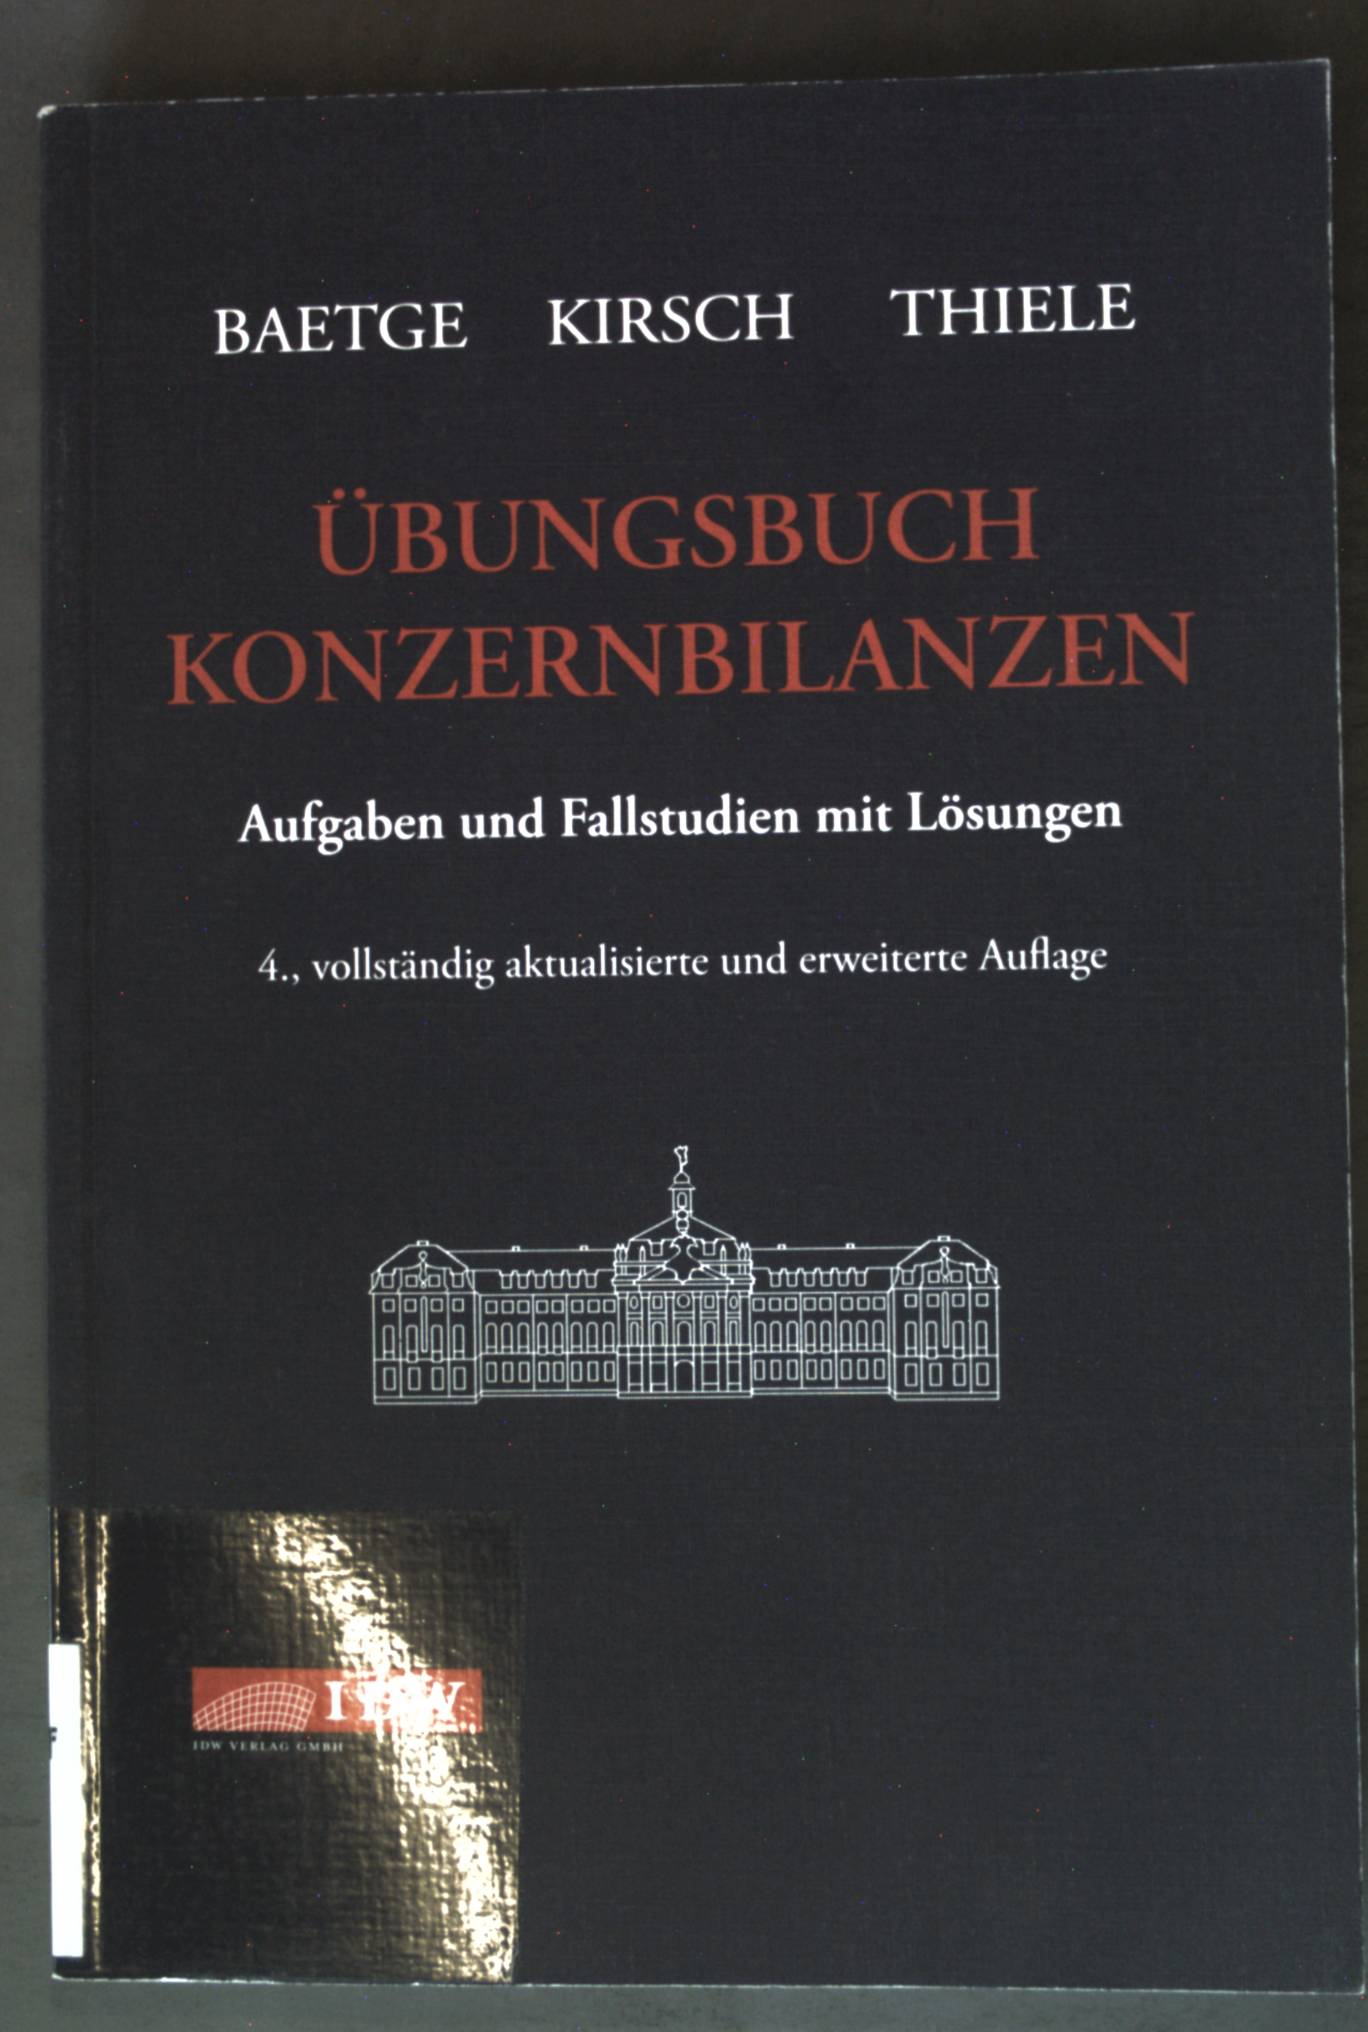 Übungsbuch Konzernbilanzen: Aufgaben und Fallstudien mit Lösungen  4. Aufl. - Baetge, Jörg, Hans-Jürgen Kirsch und Stefan Thiele